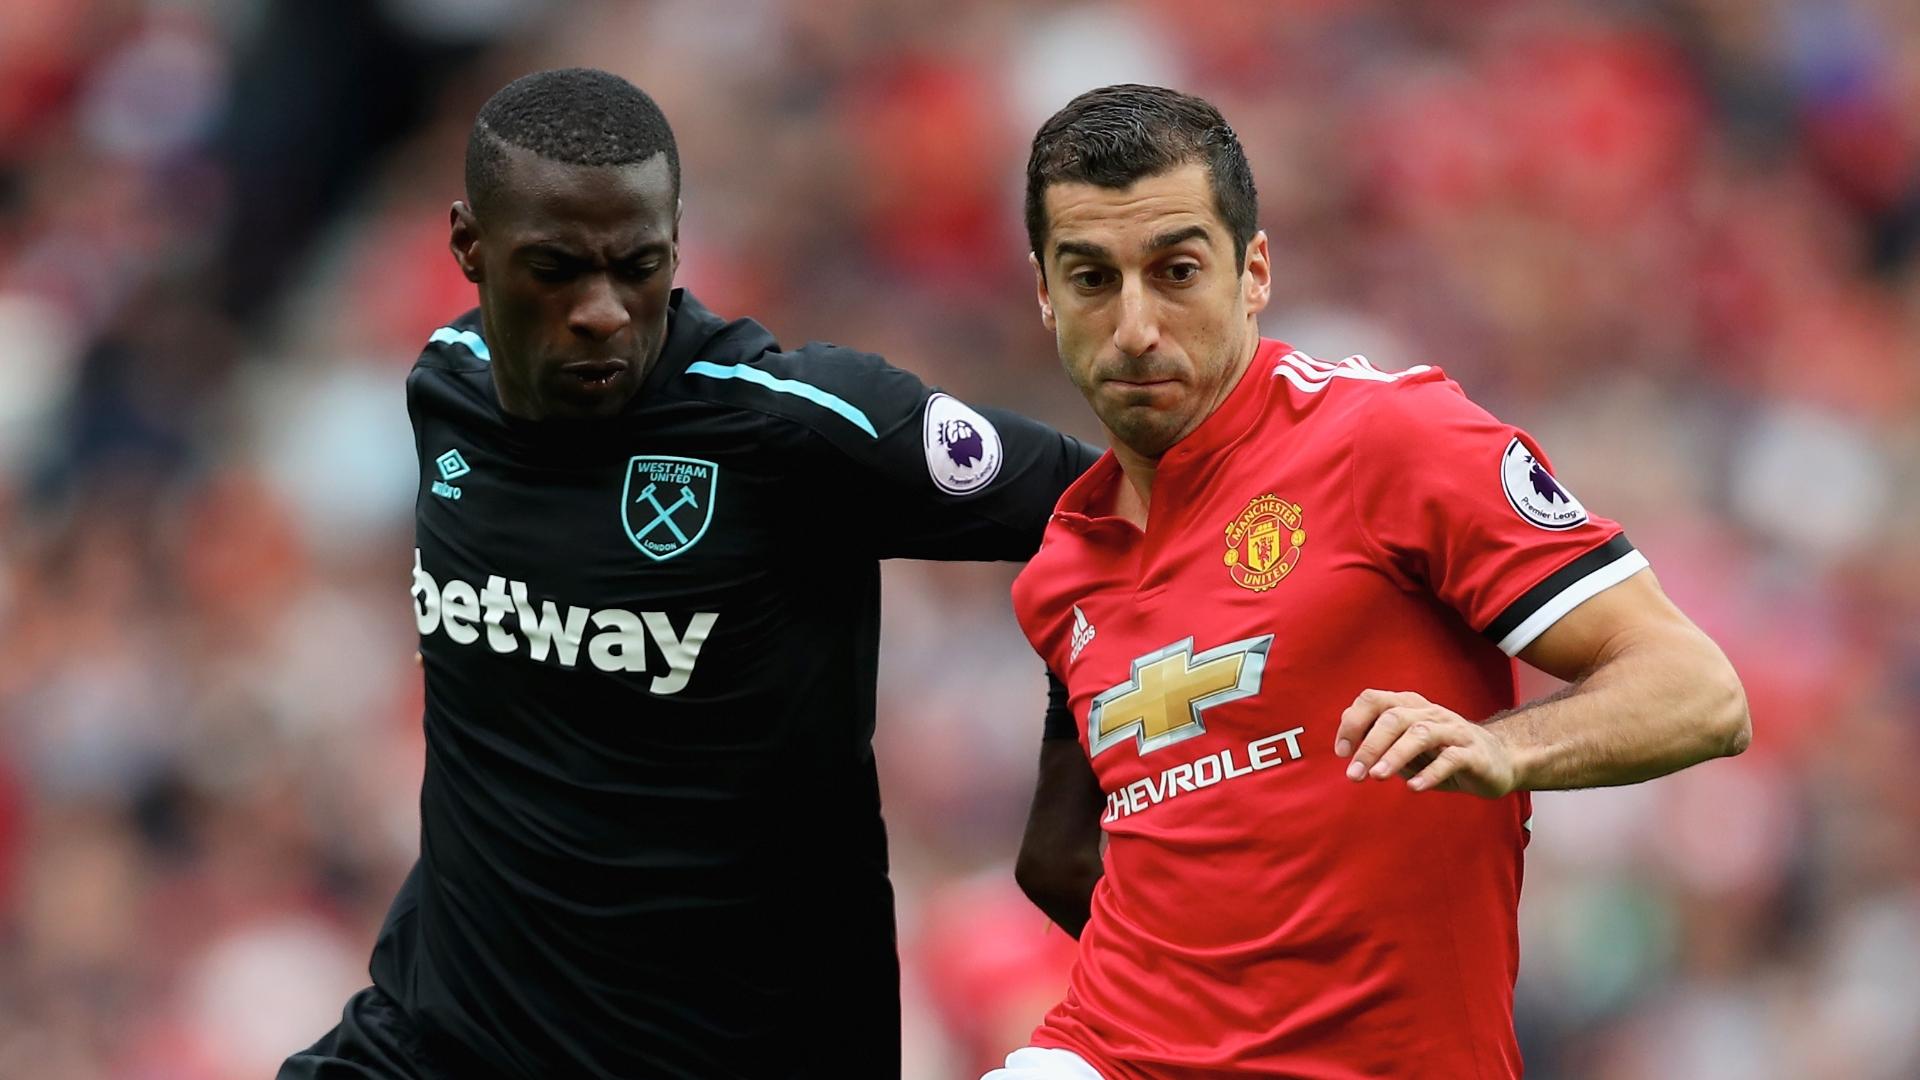 Pedro Obiang, Henrikh Mkhitaryan, Man Utd vs West Ham